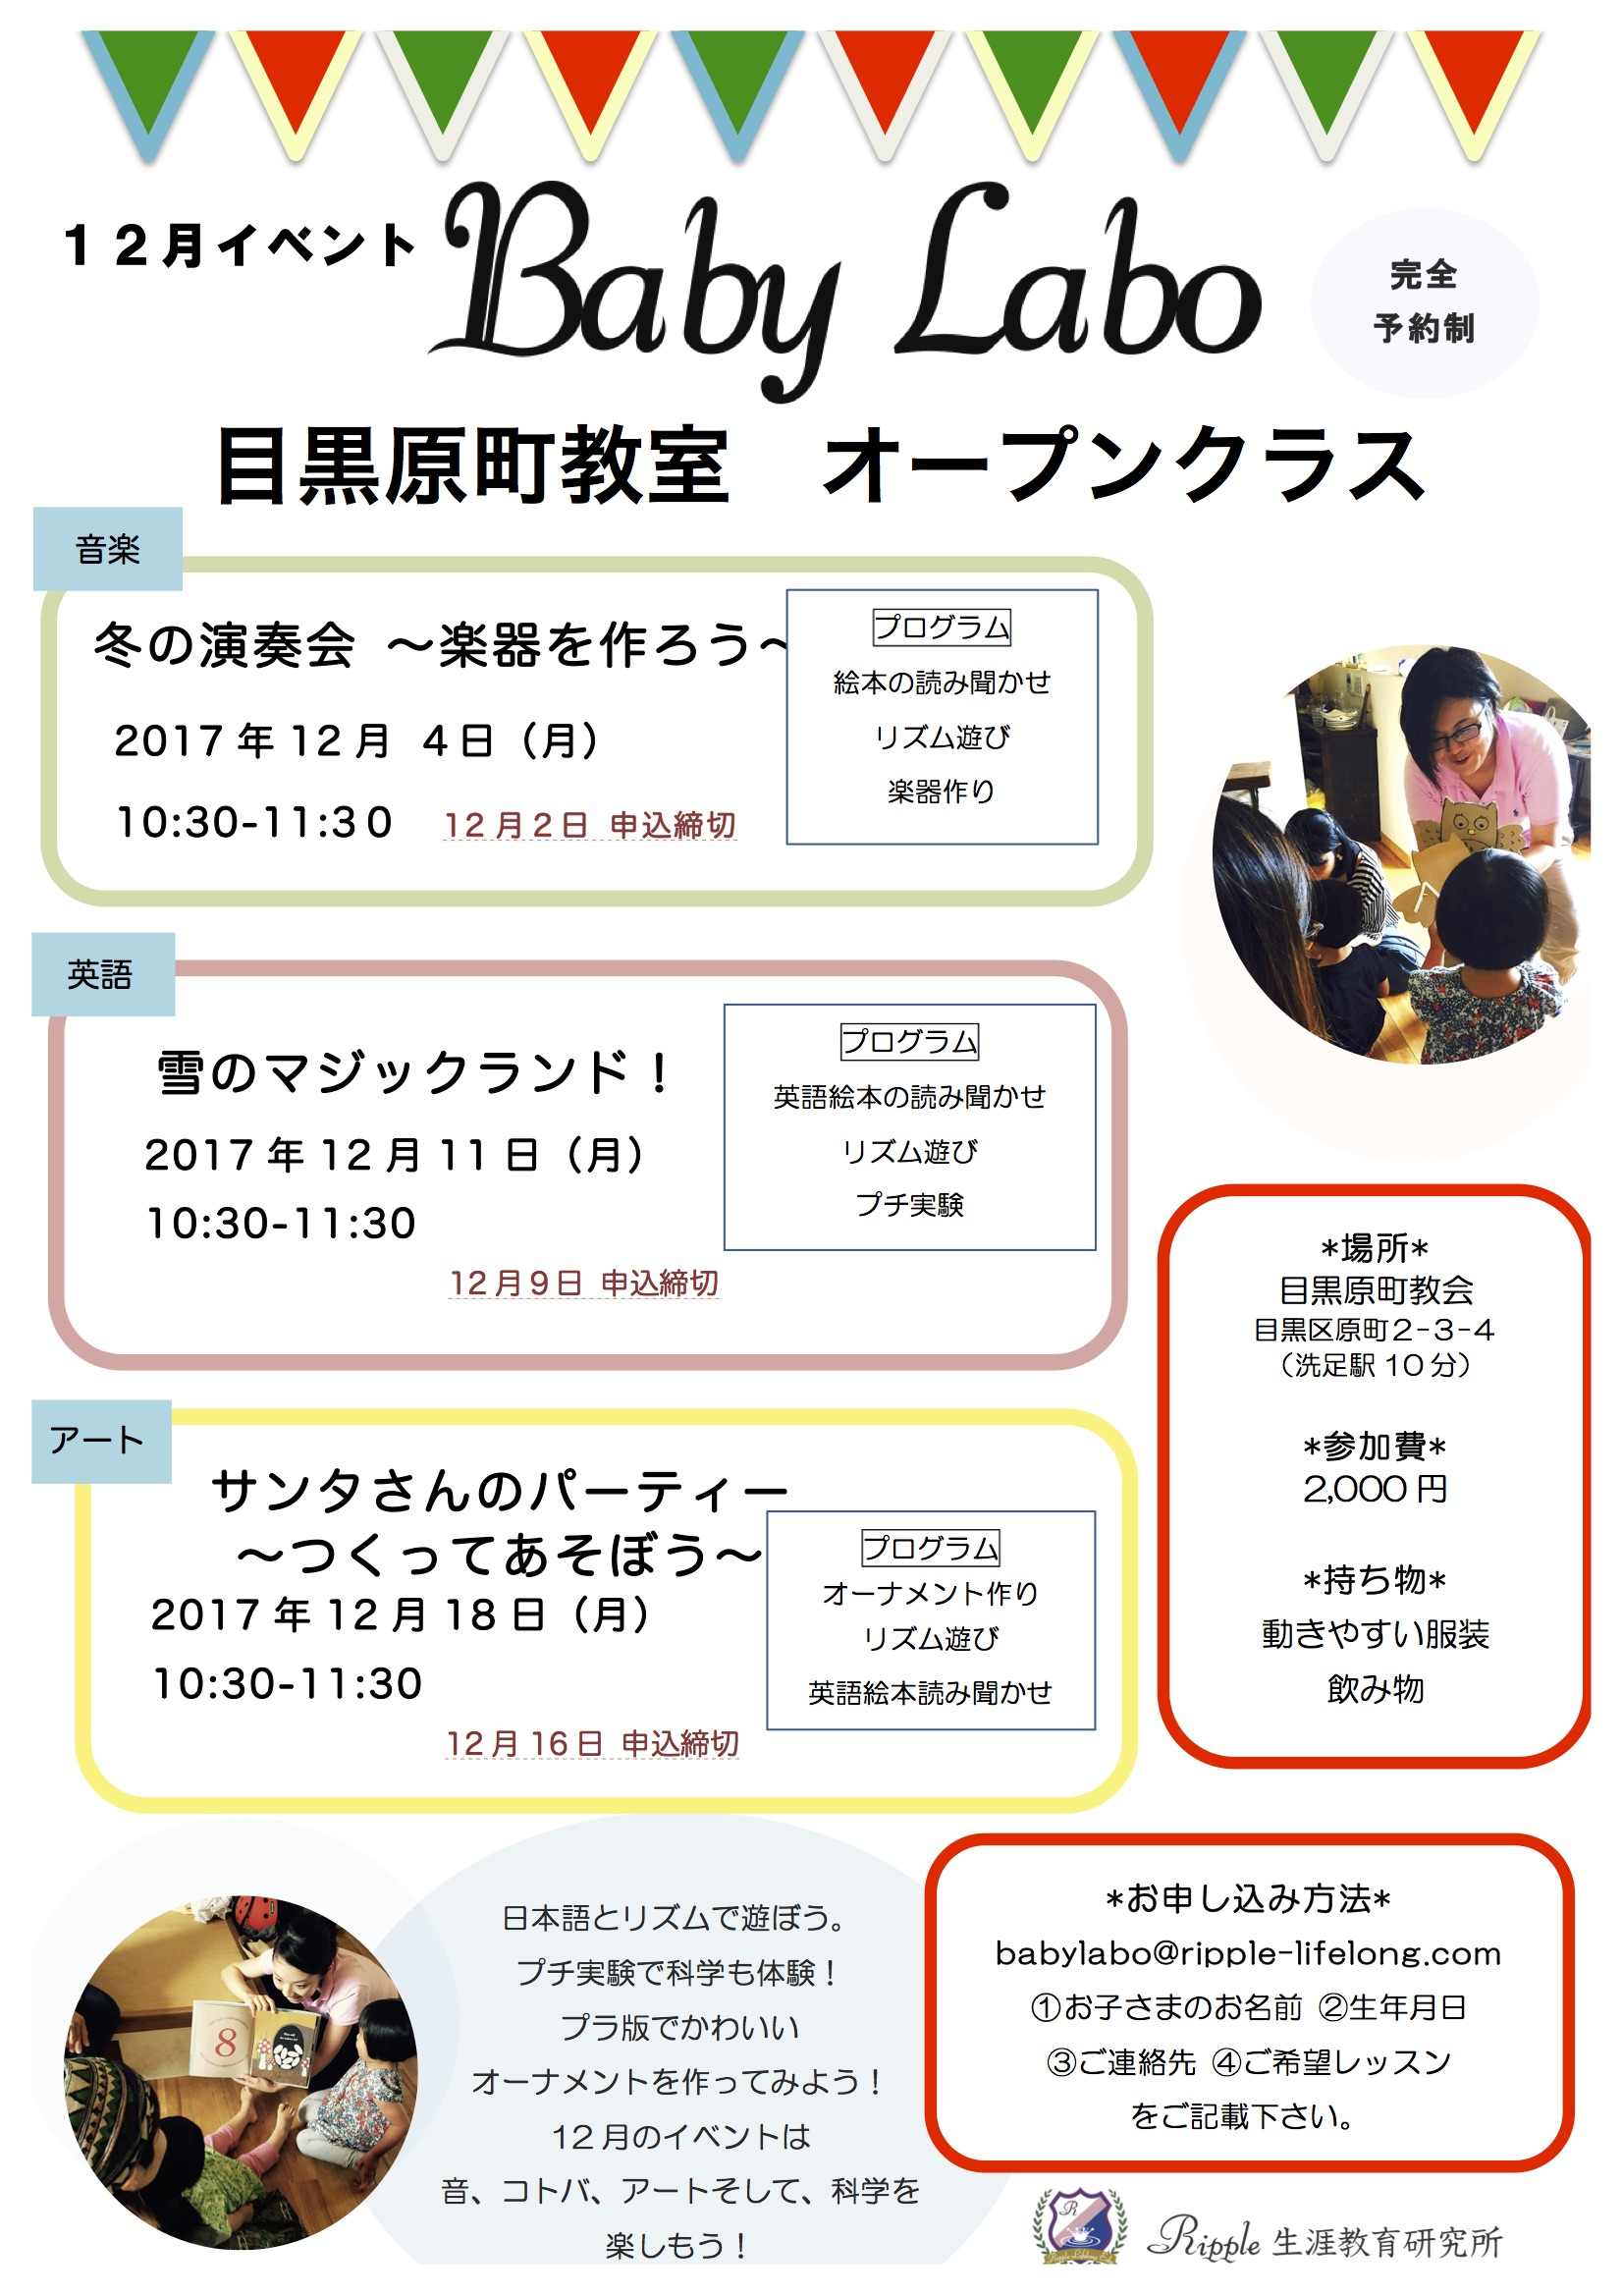 Baby labo イベント 目黒チラシ 12月 2017